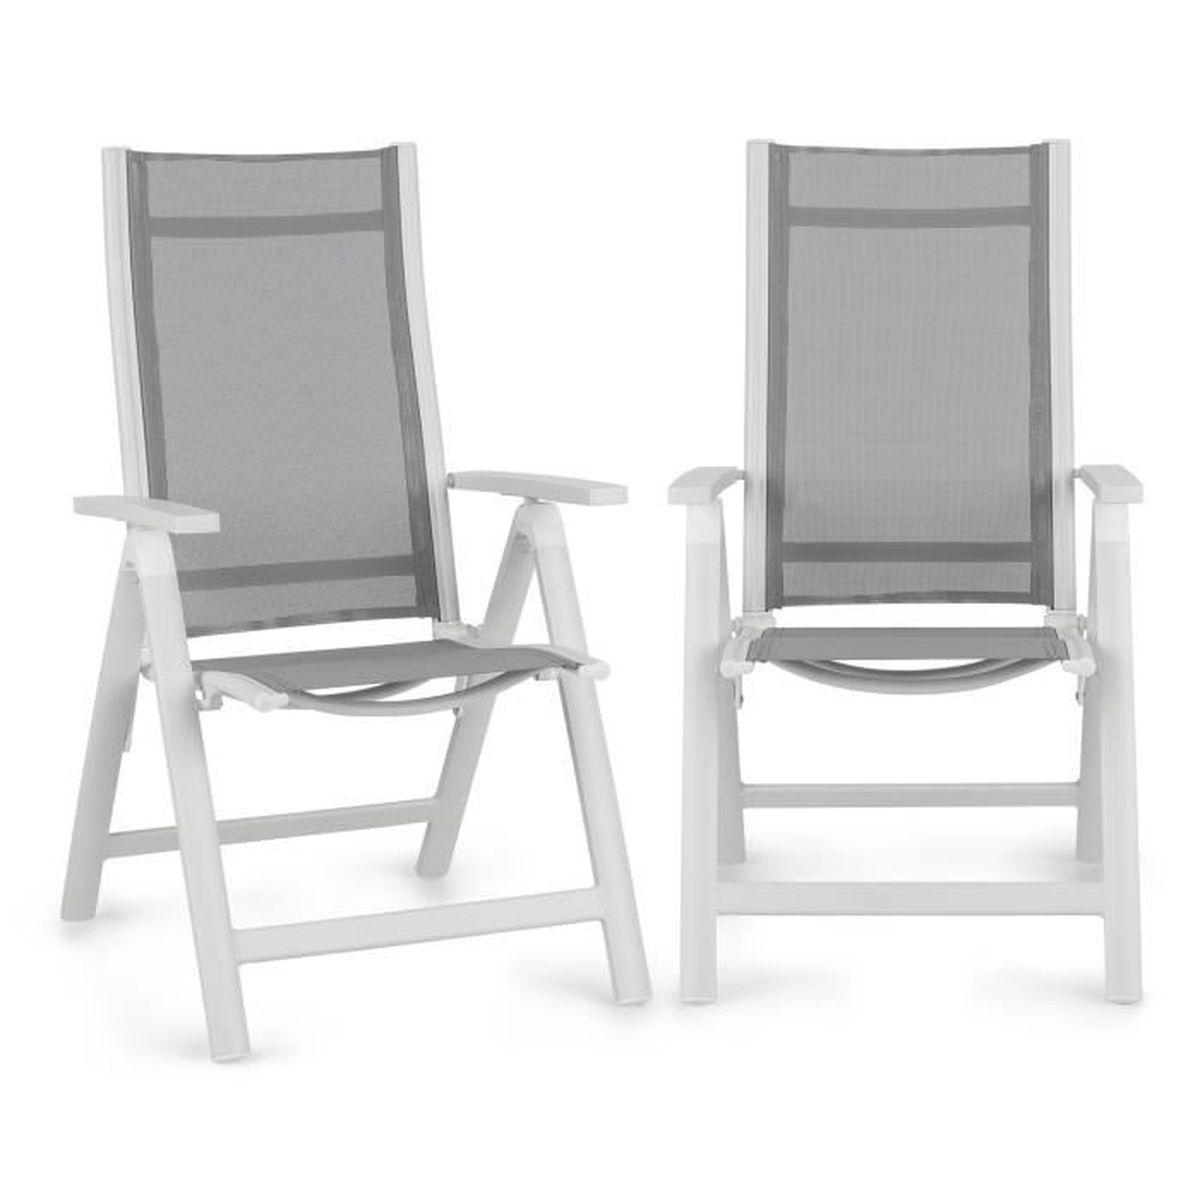 Lot de Aluminium Chaises de Jardin Pliante Fauteuil Inclinable Siège Confortable